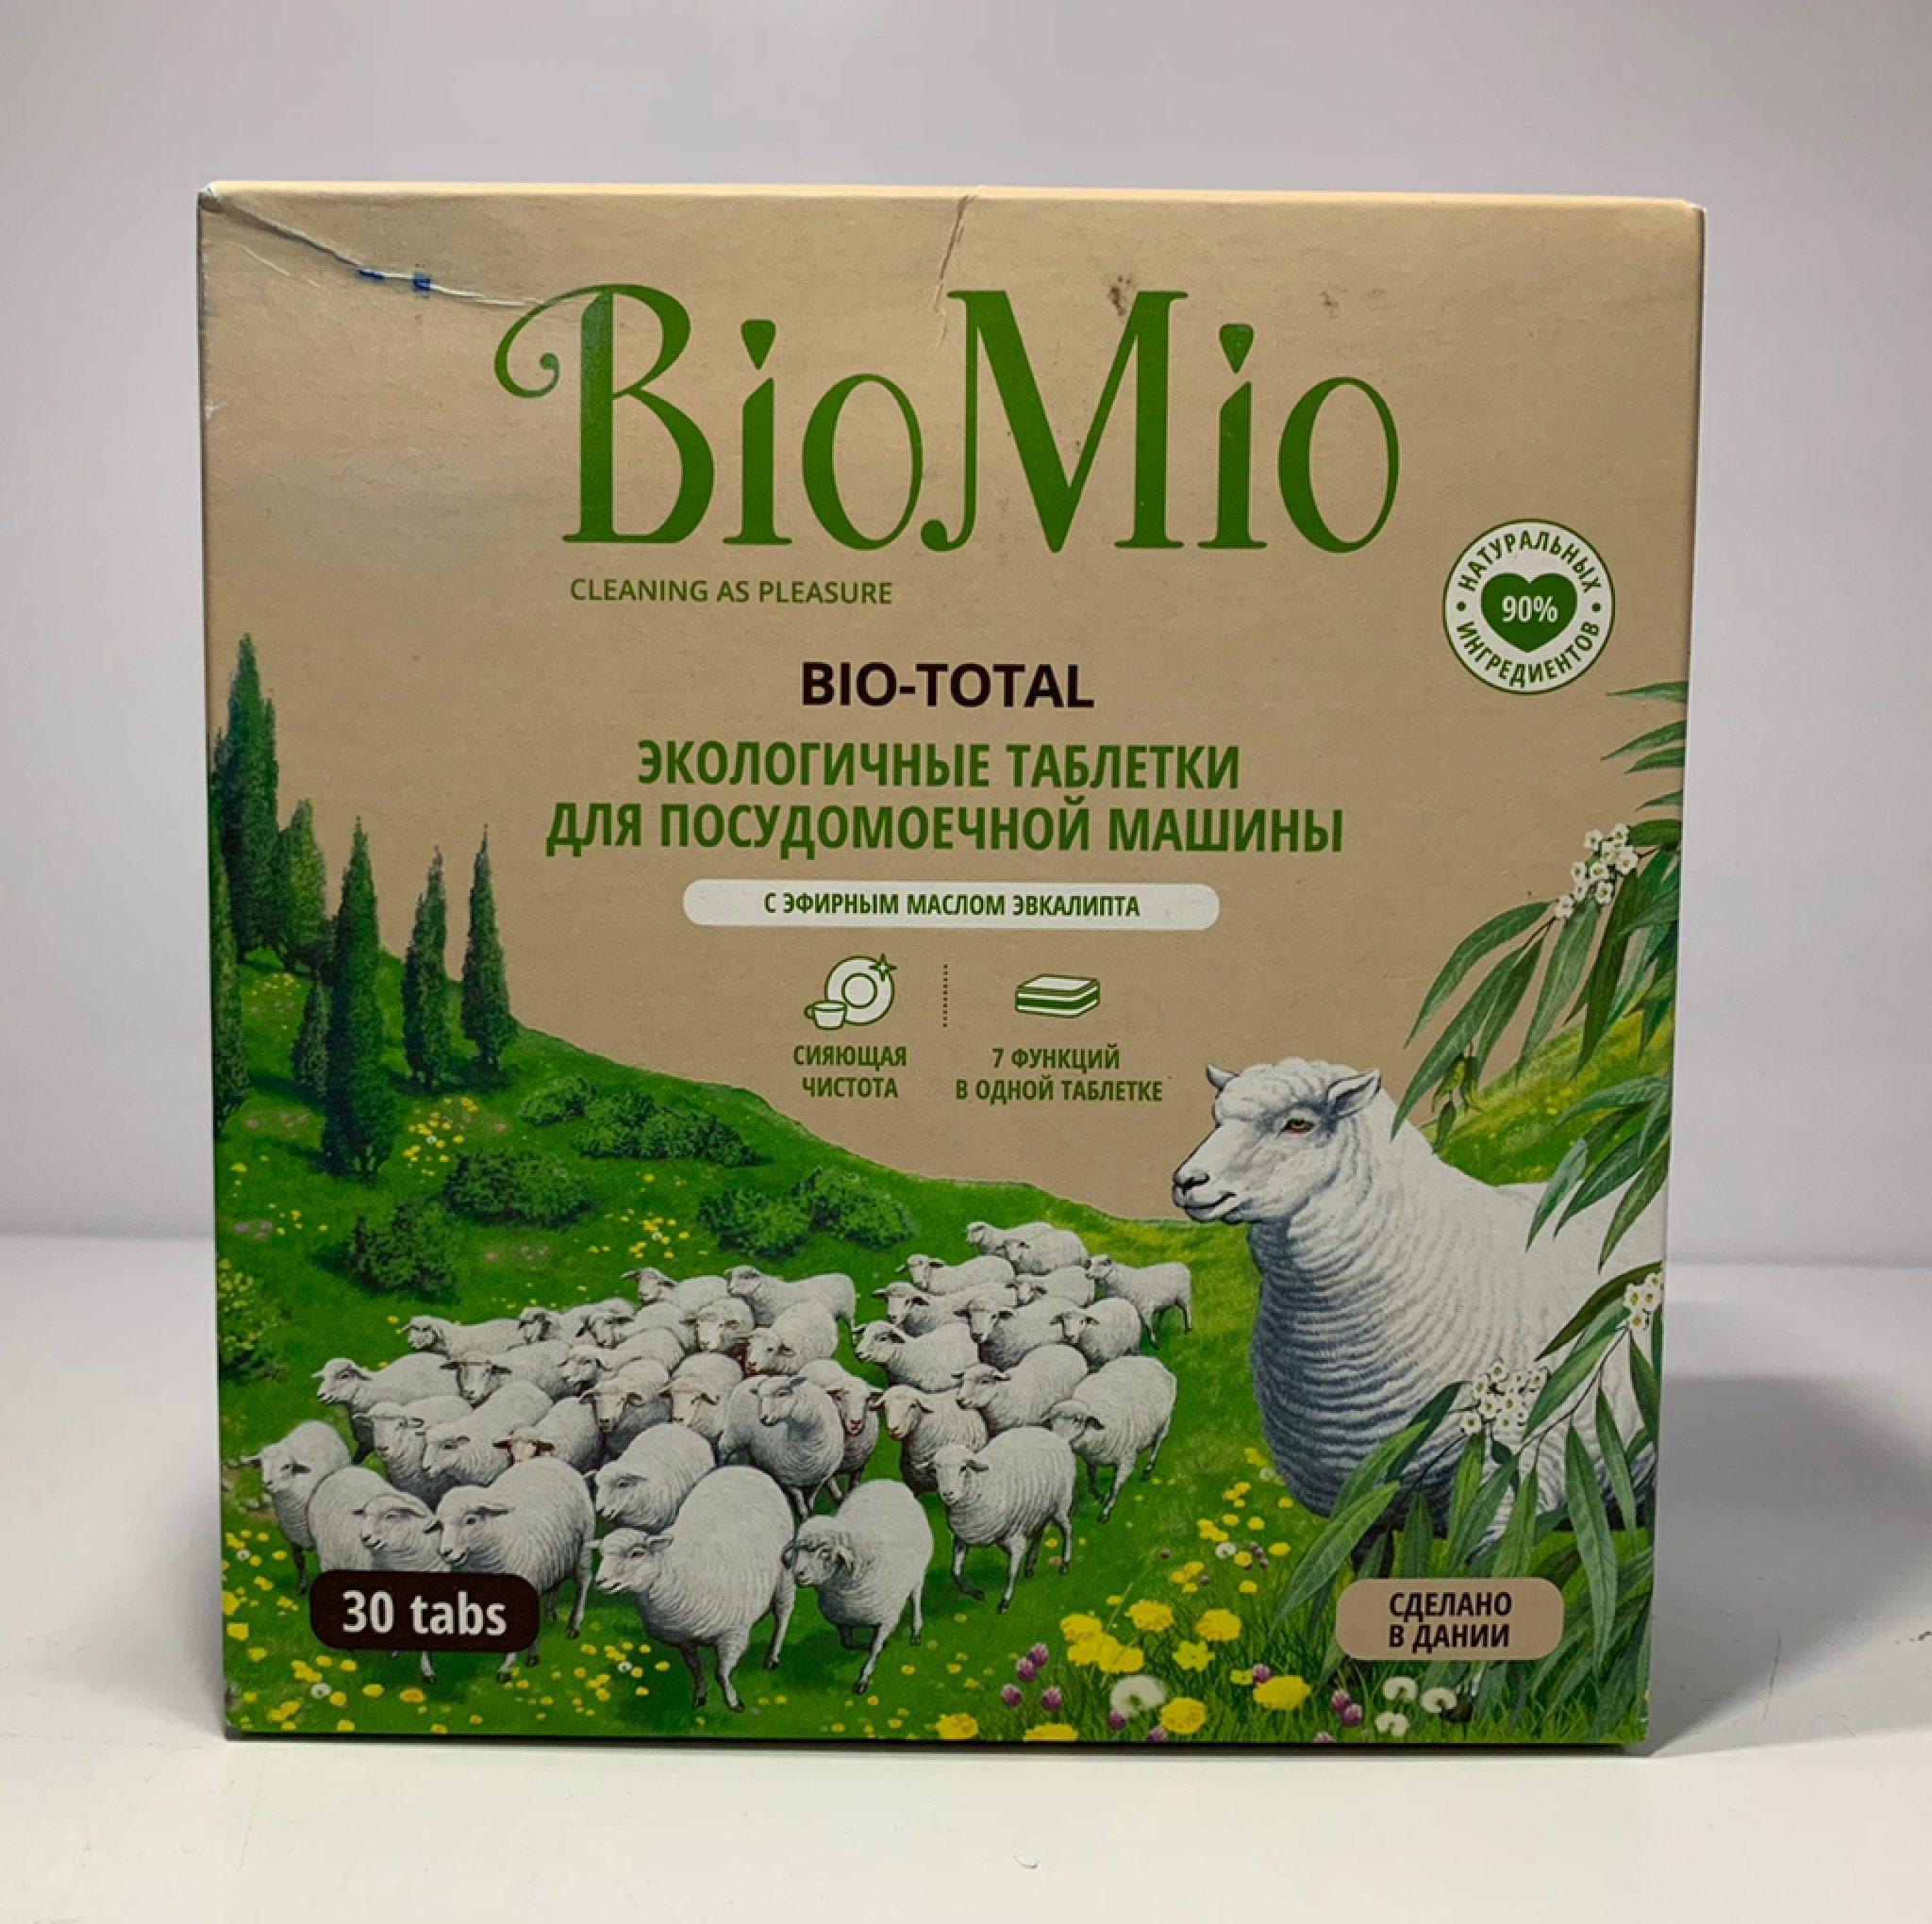 Biomio — таблетки для посудомоечной машины, обзор